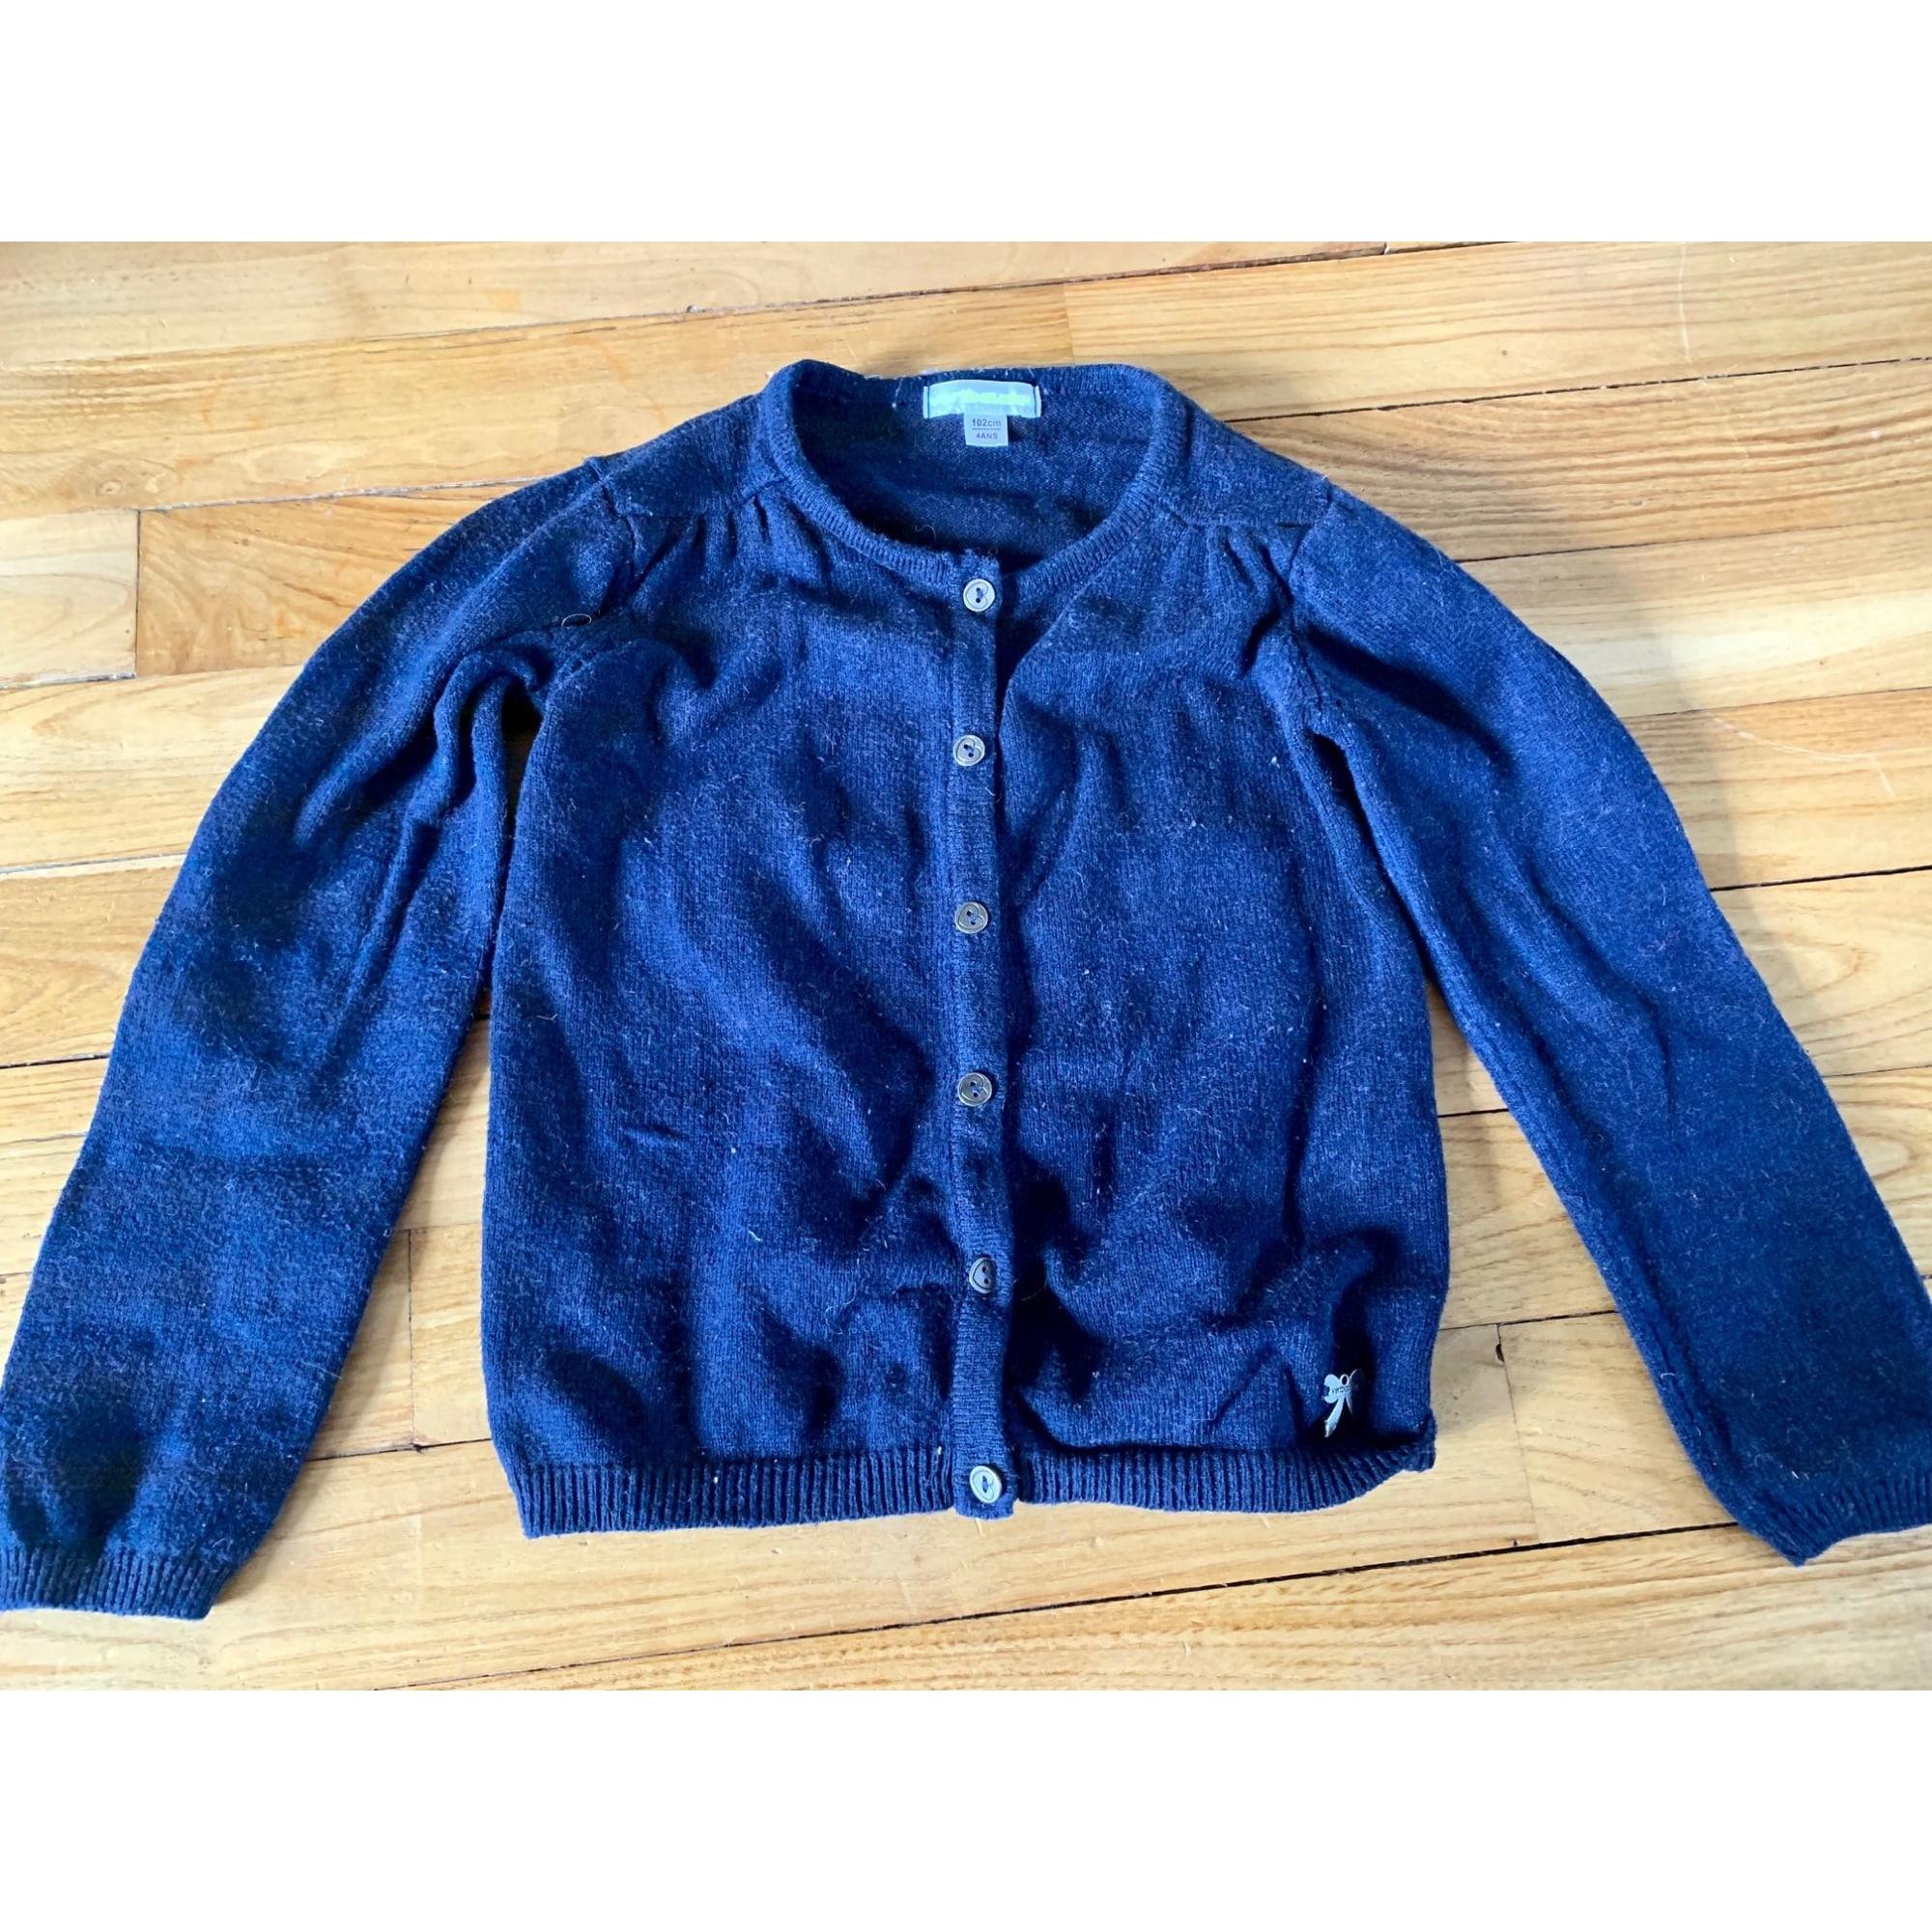 Gilet, cardigan VERTBAUDET Bleu, bleu marine, bleu turquoise